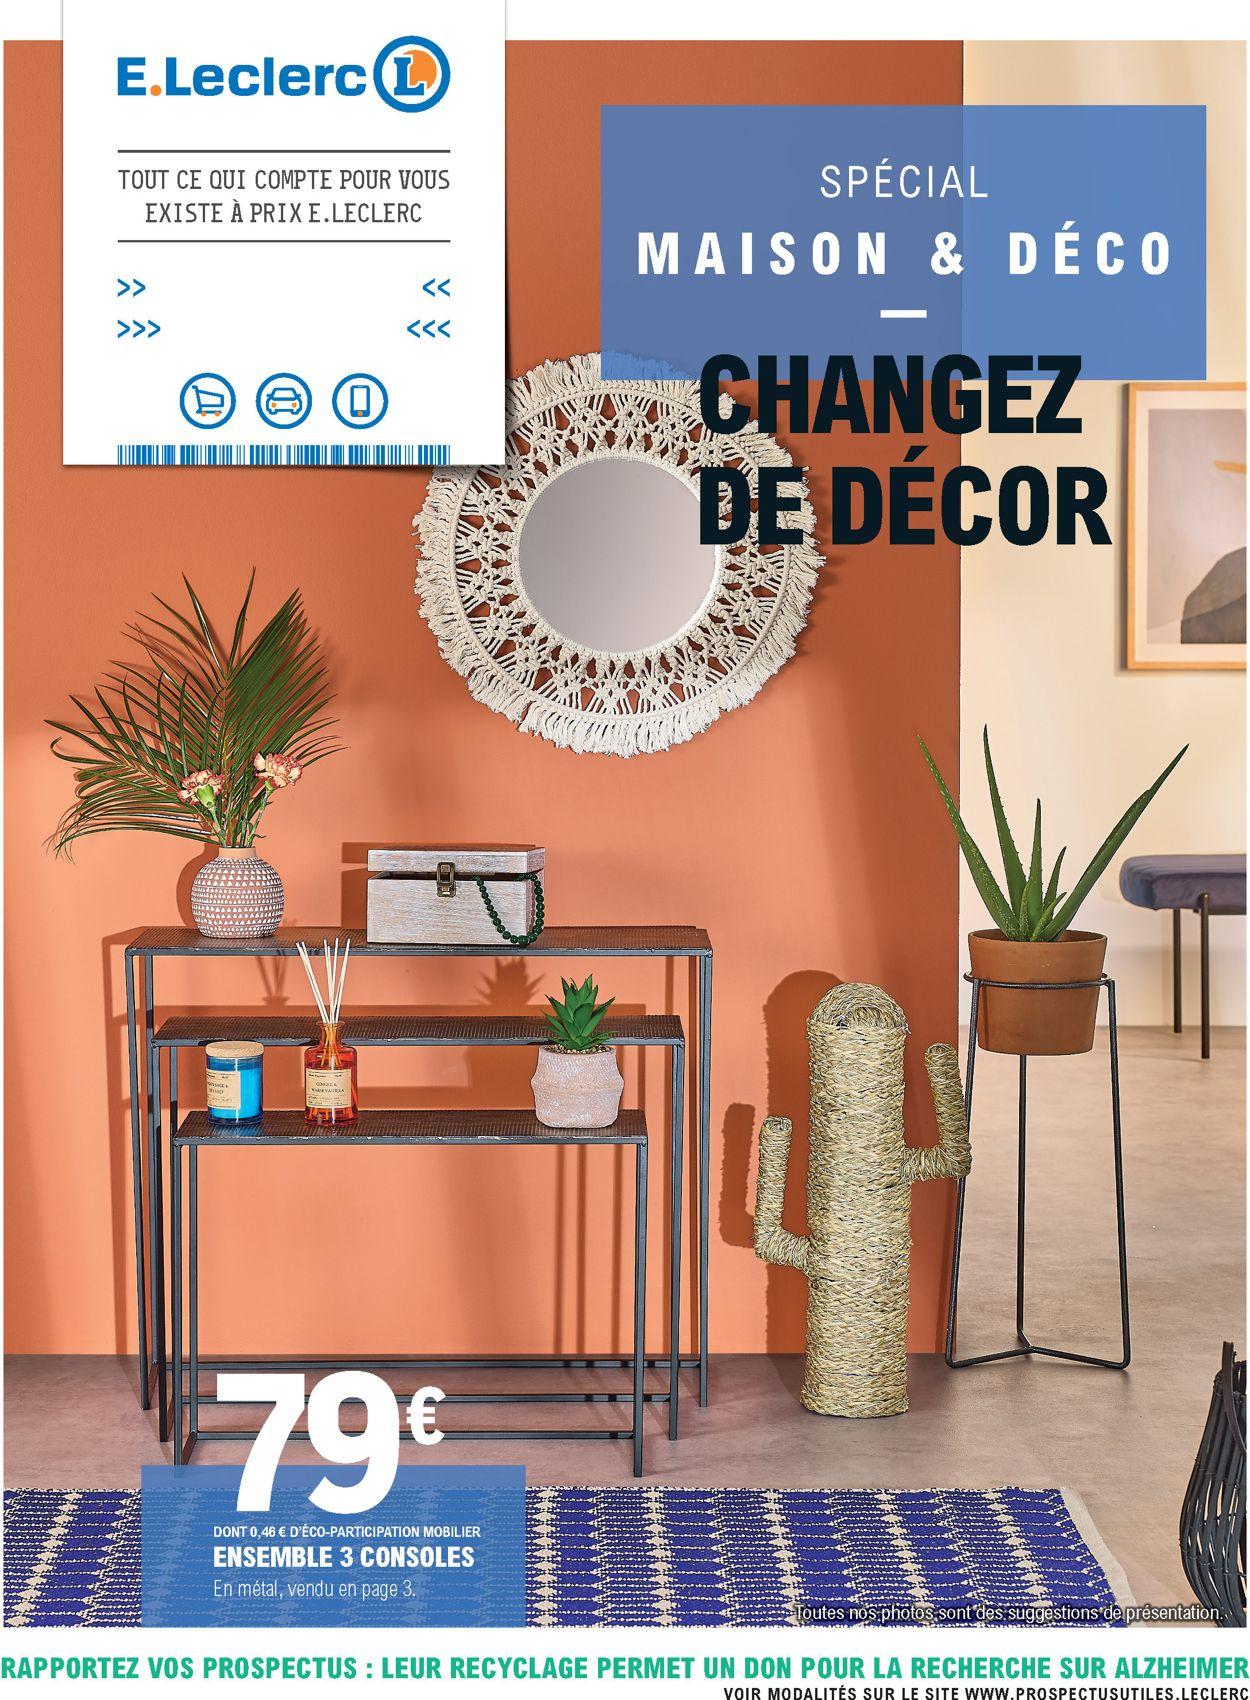 E.leclerc Catalogue Actuel 10.03 - 21.03.2020 - Catalogue-24 destiné Mobilier De Jardin Leclerc